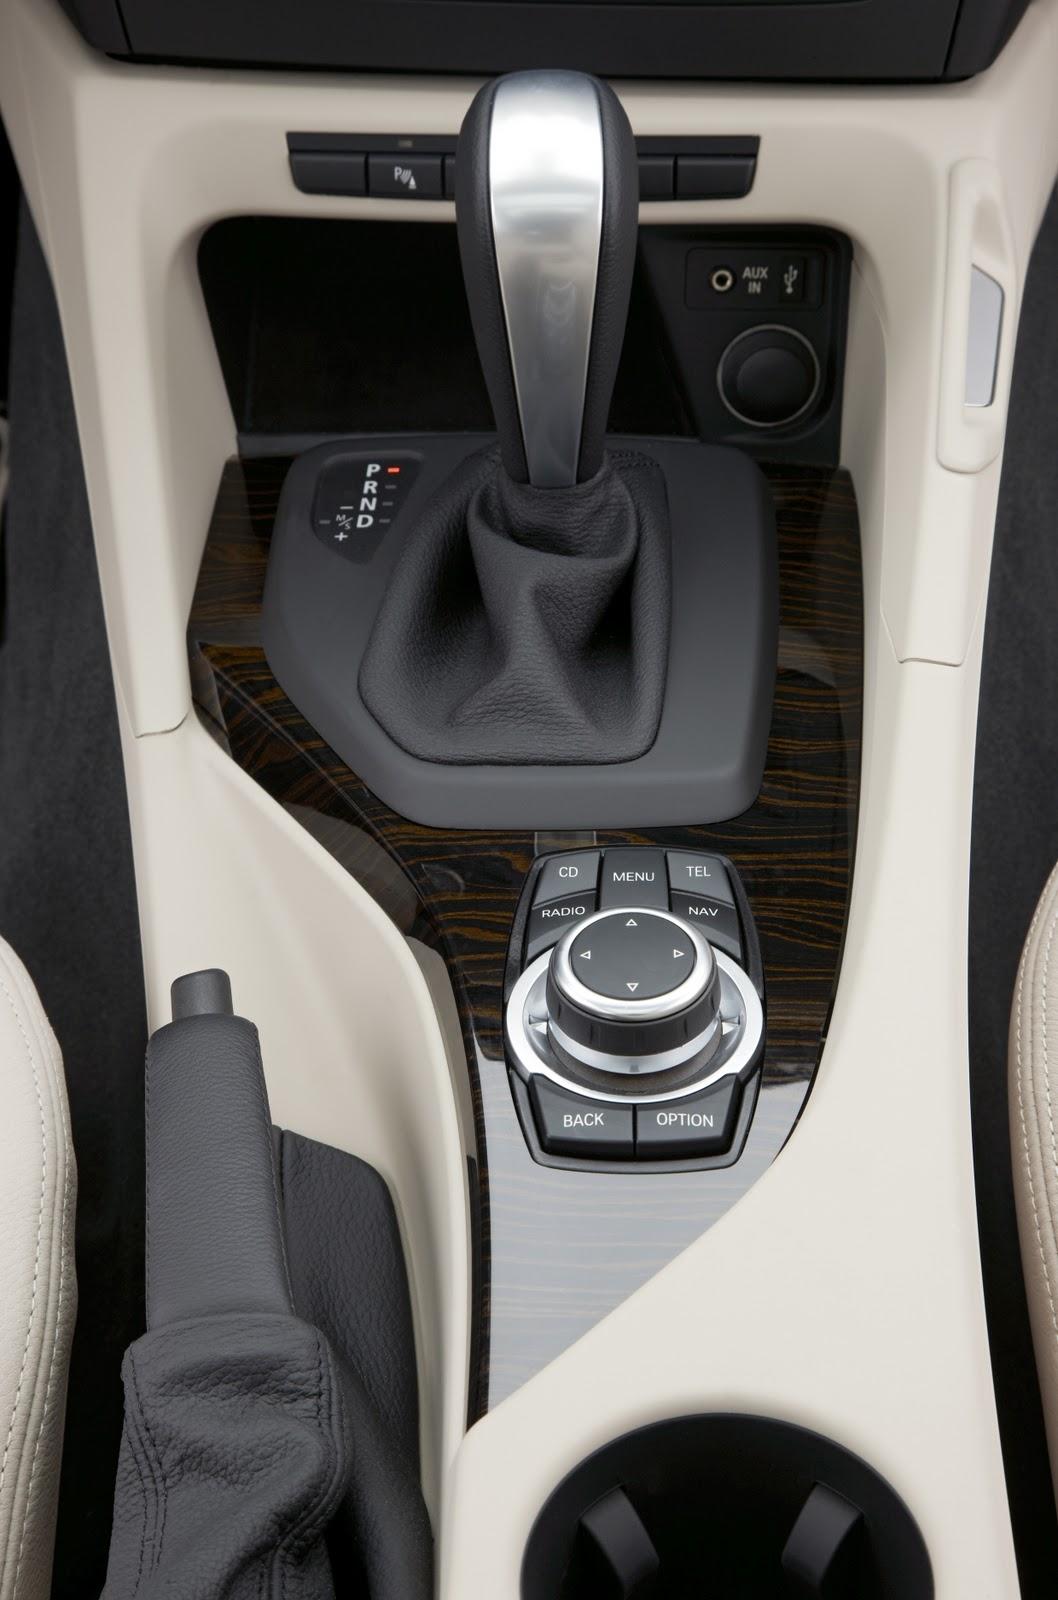 Bmw Automobiles Bmw X1 2011 Interior